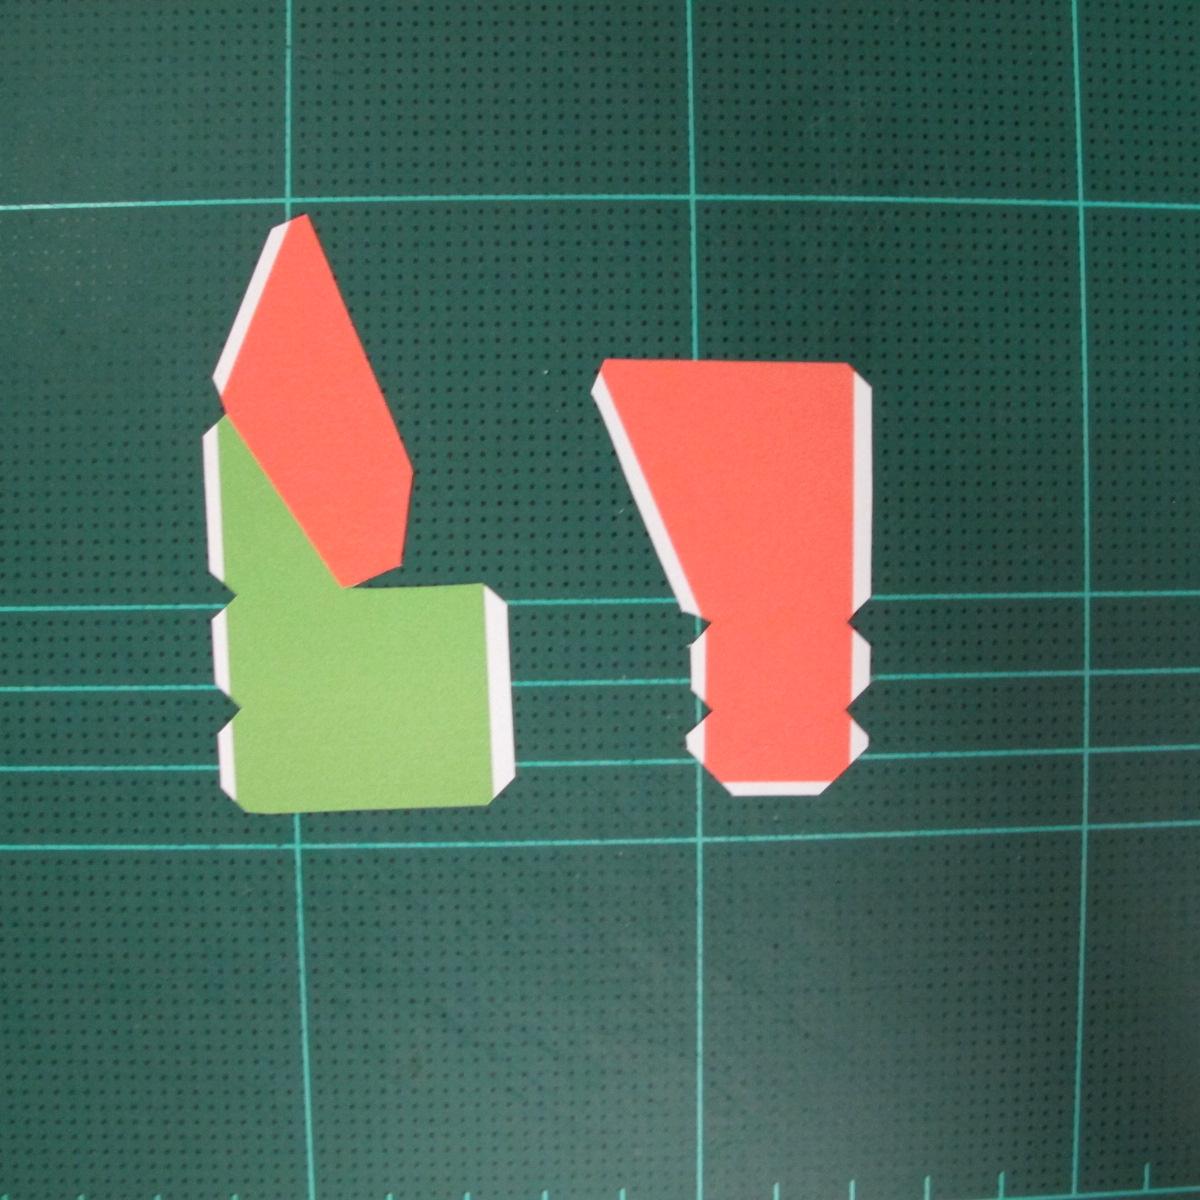 วิธีทำโมเดลกระดาษตุ้กตา คุกกี้ รัน คุกกี้รสซอมบี้ (LINE Cookie Run Zombie Cookie Papercraft Model) 014